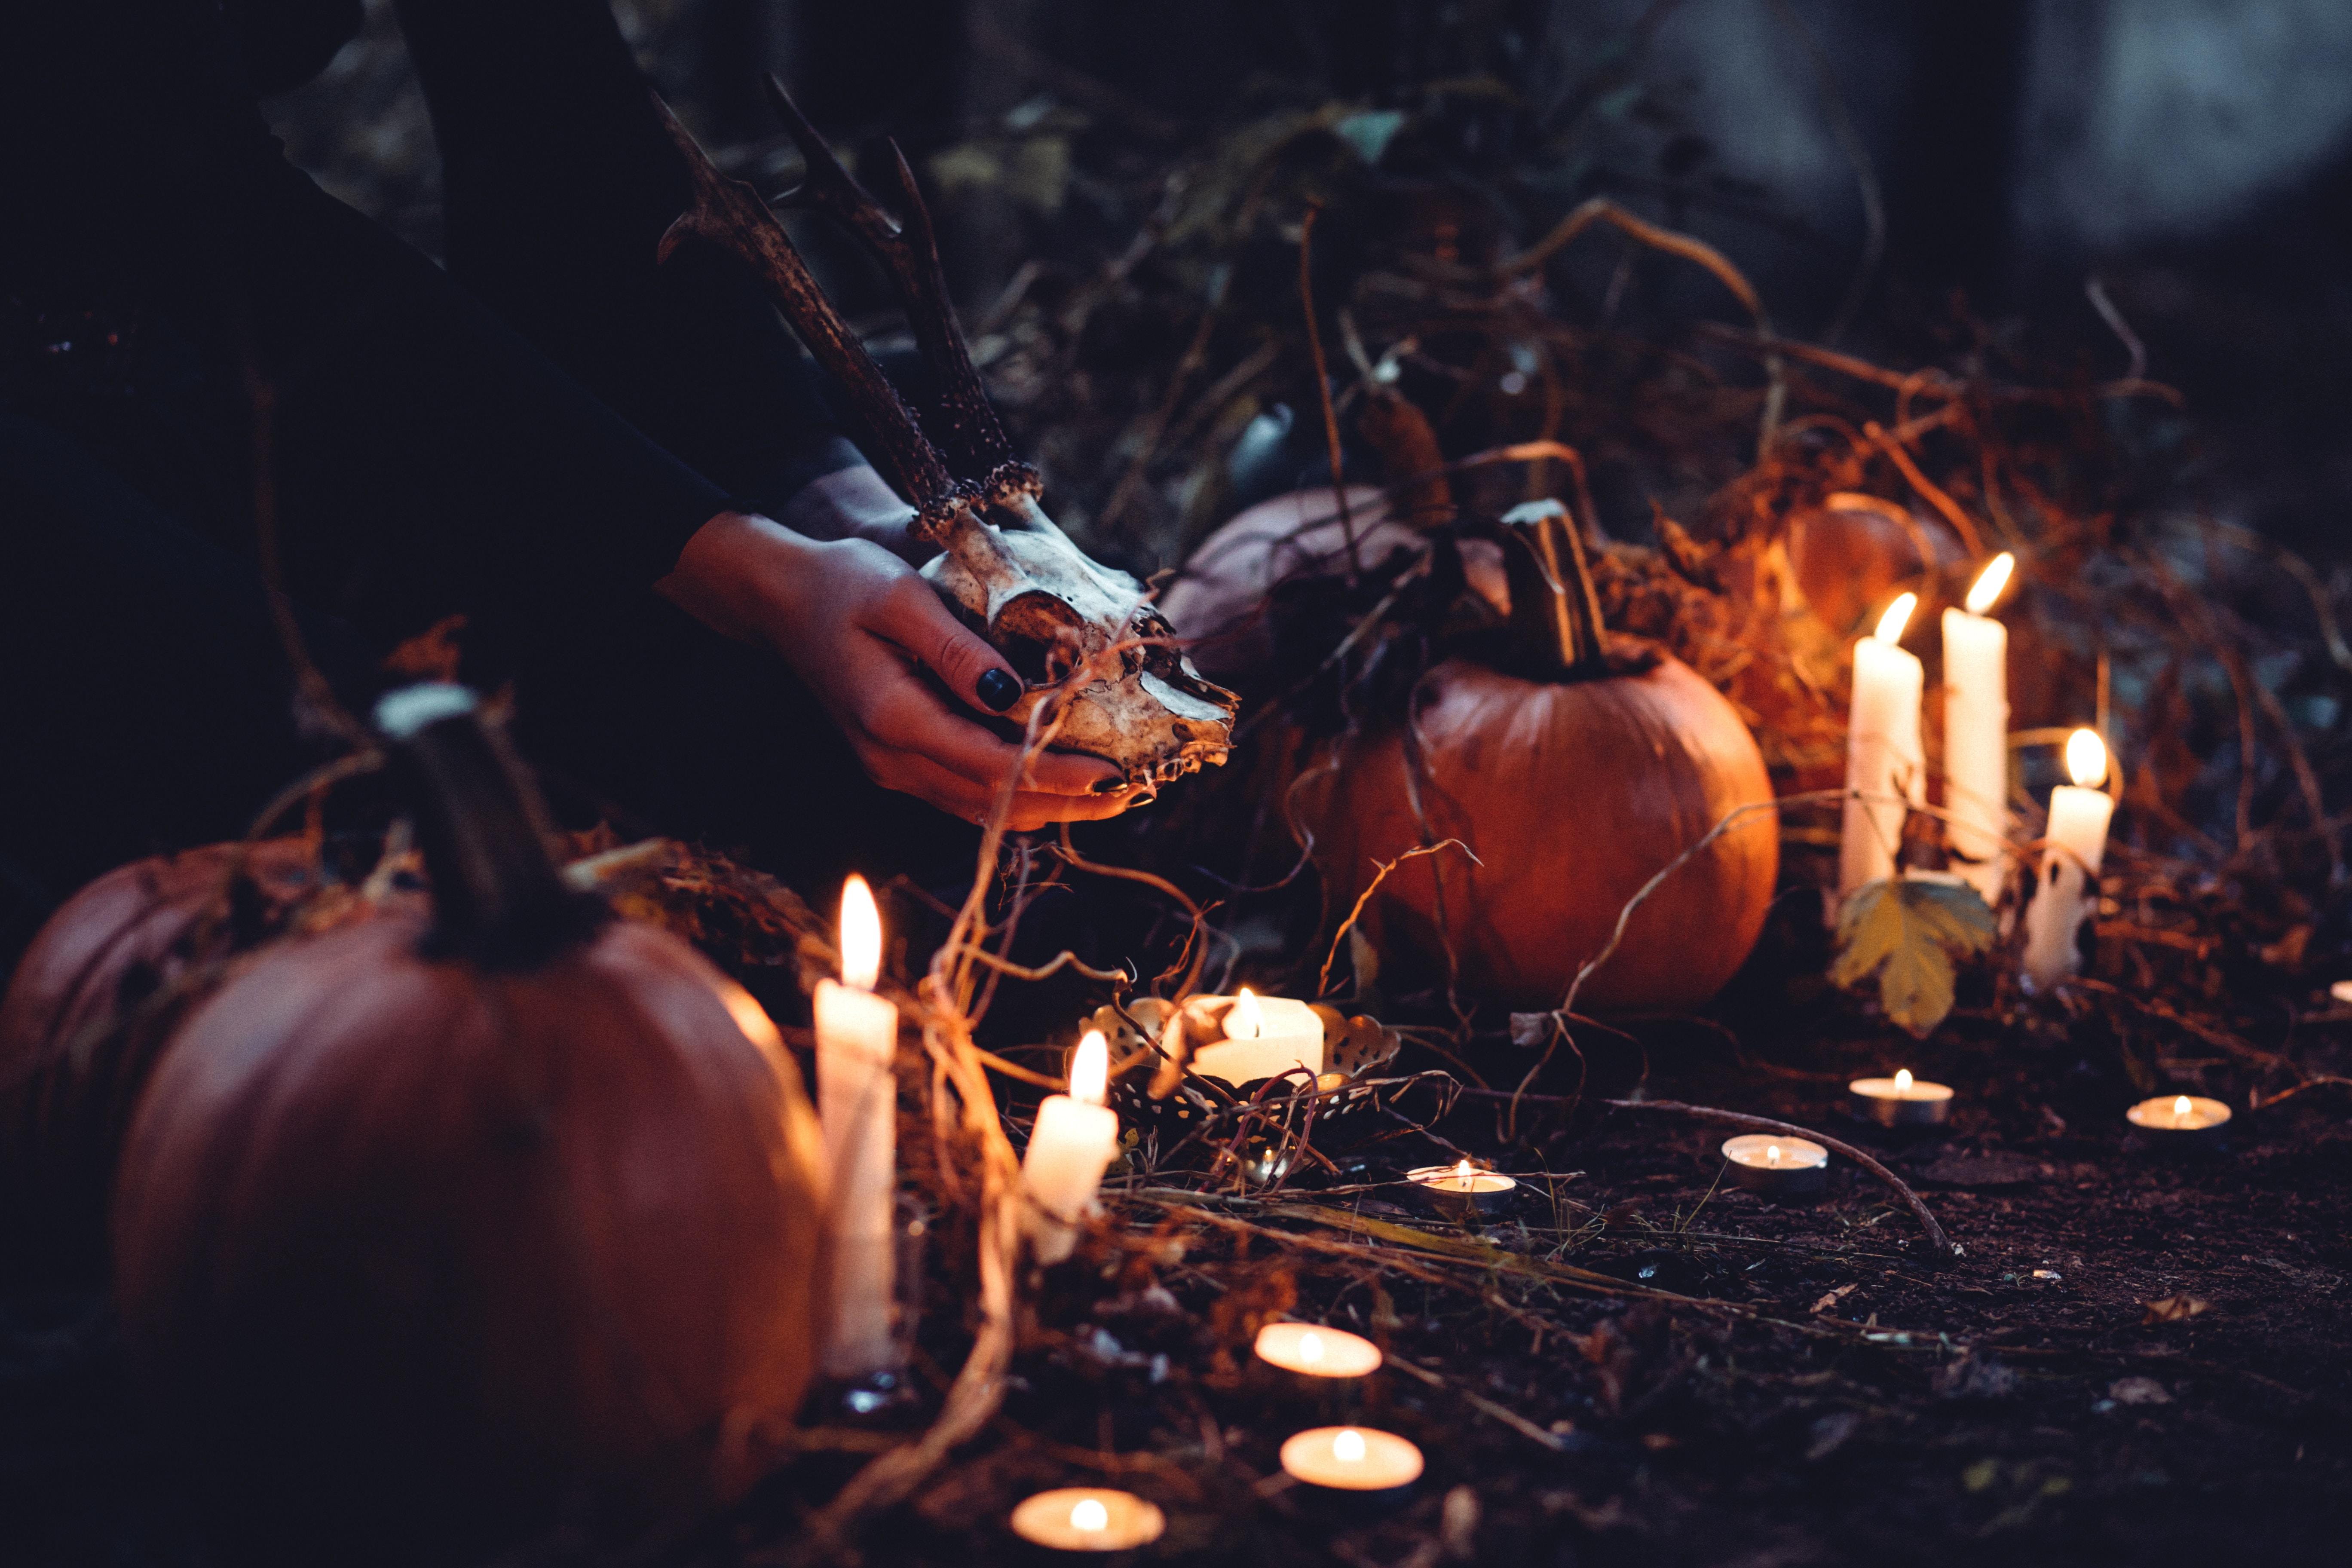 Luoghi da visitare ad Halloween in Italia